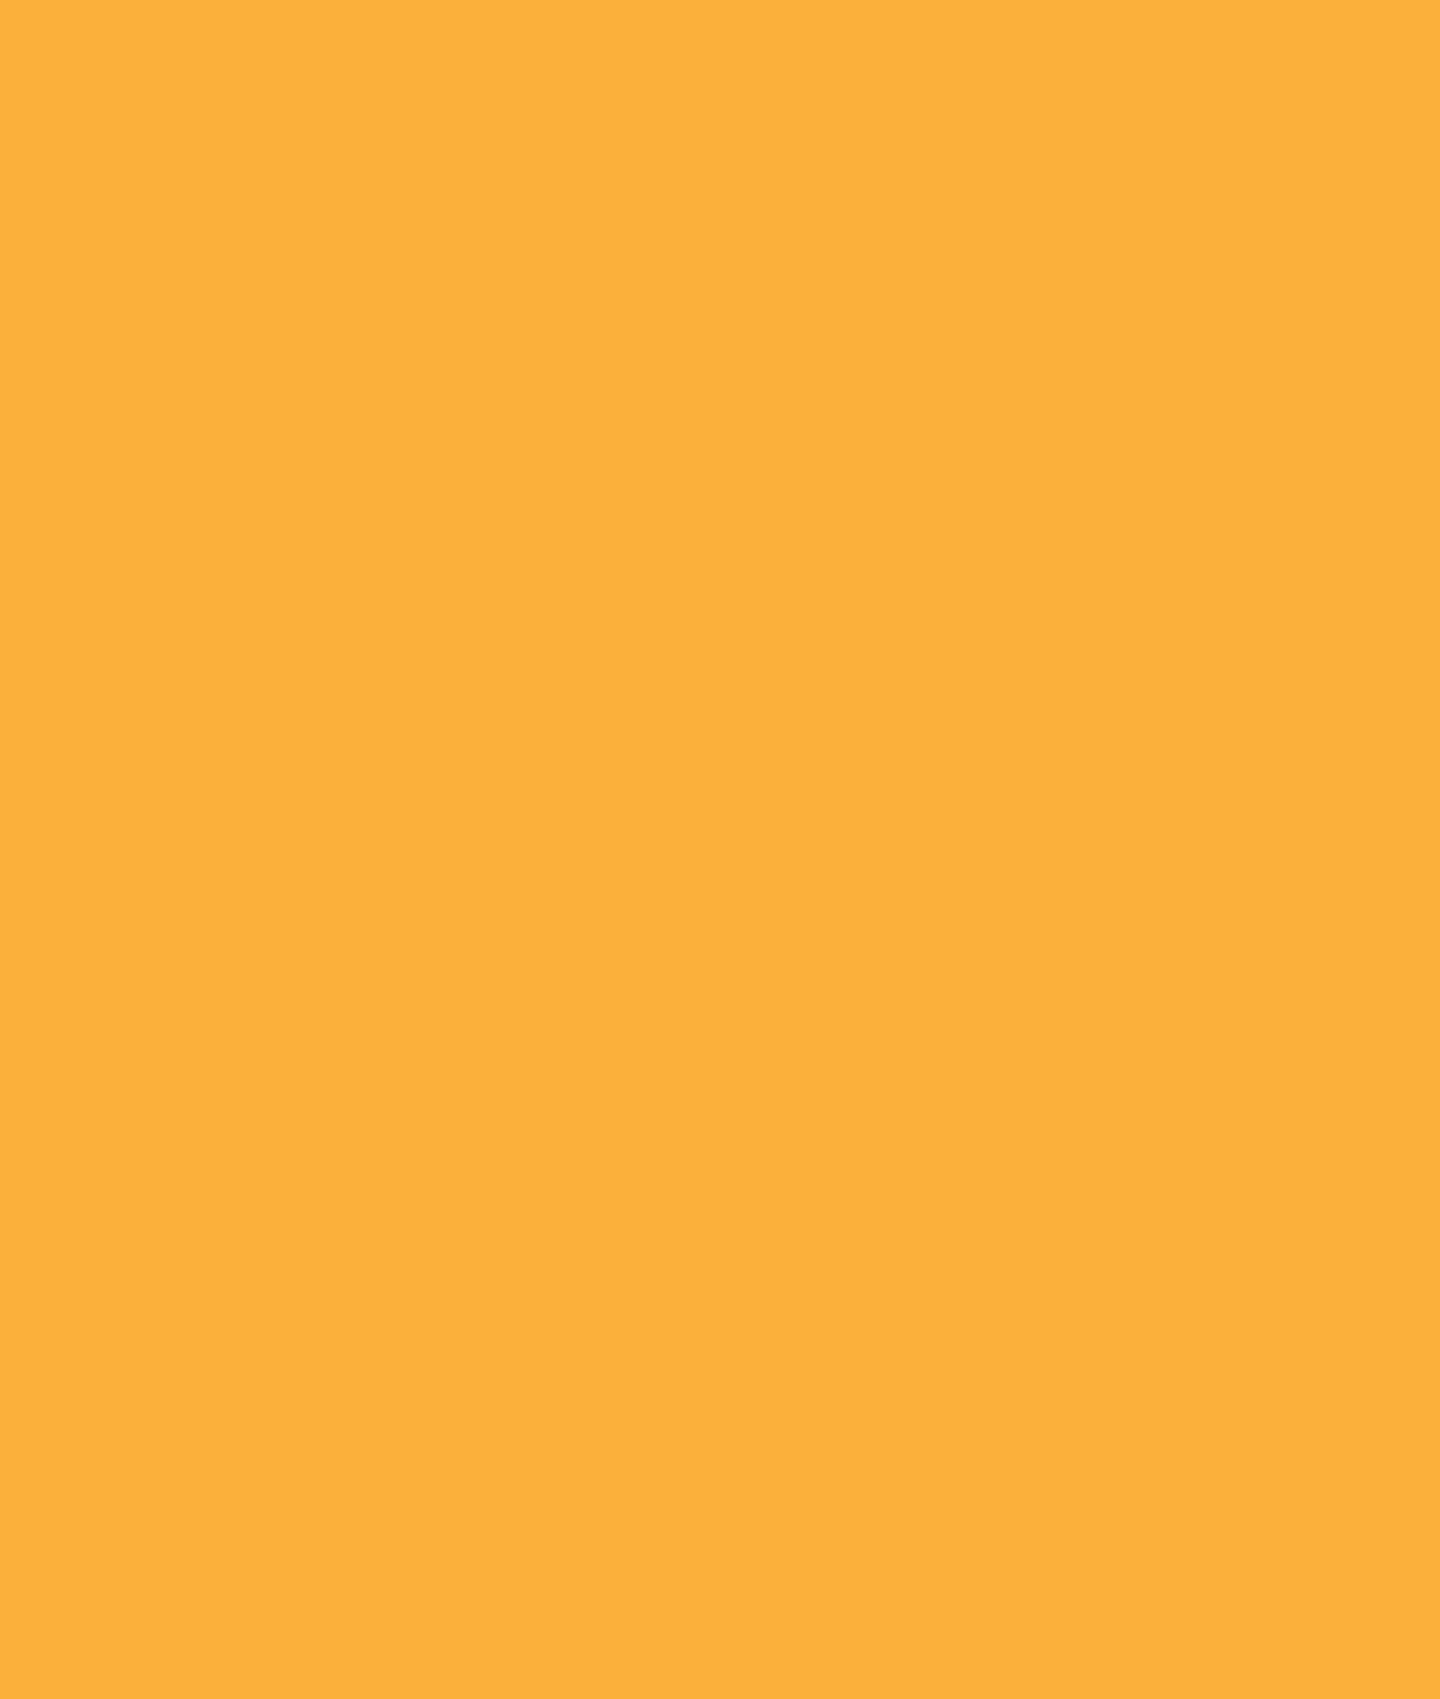 Themyscira Challenge Logo original 2018 'A,V' Logo